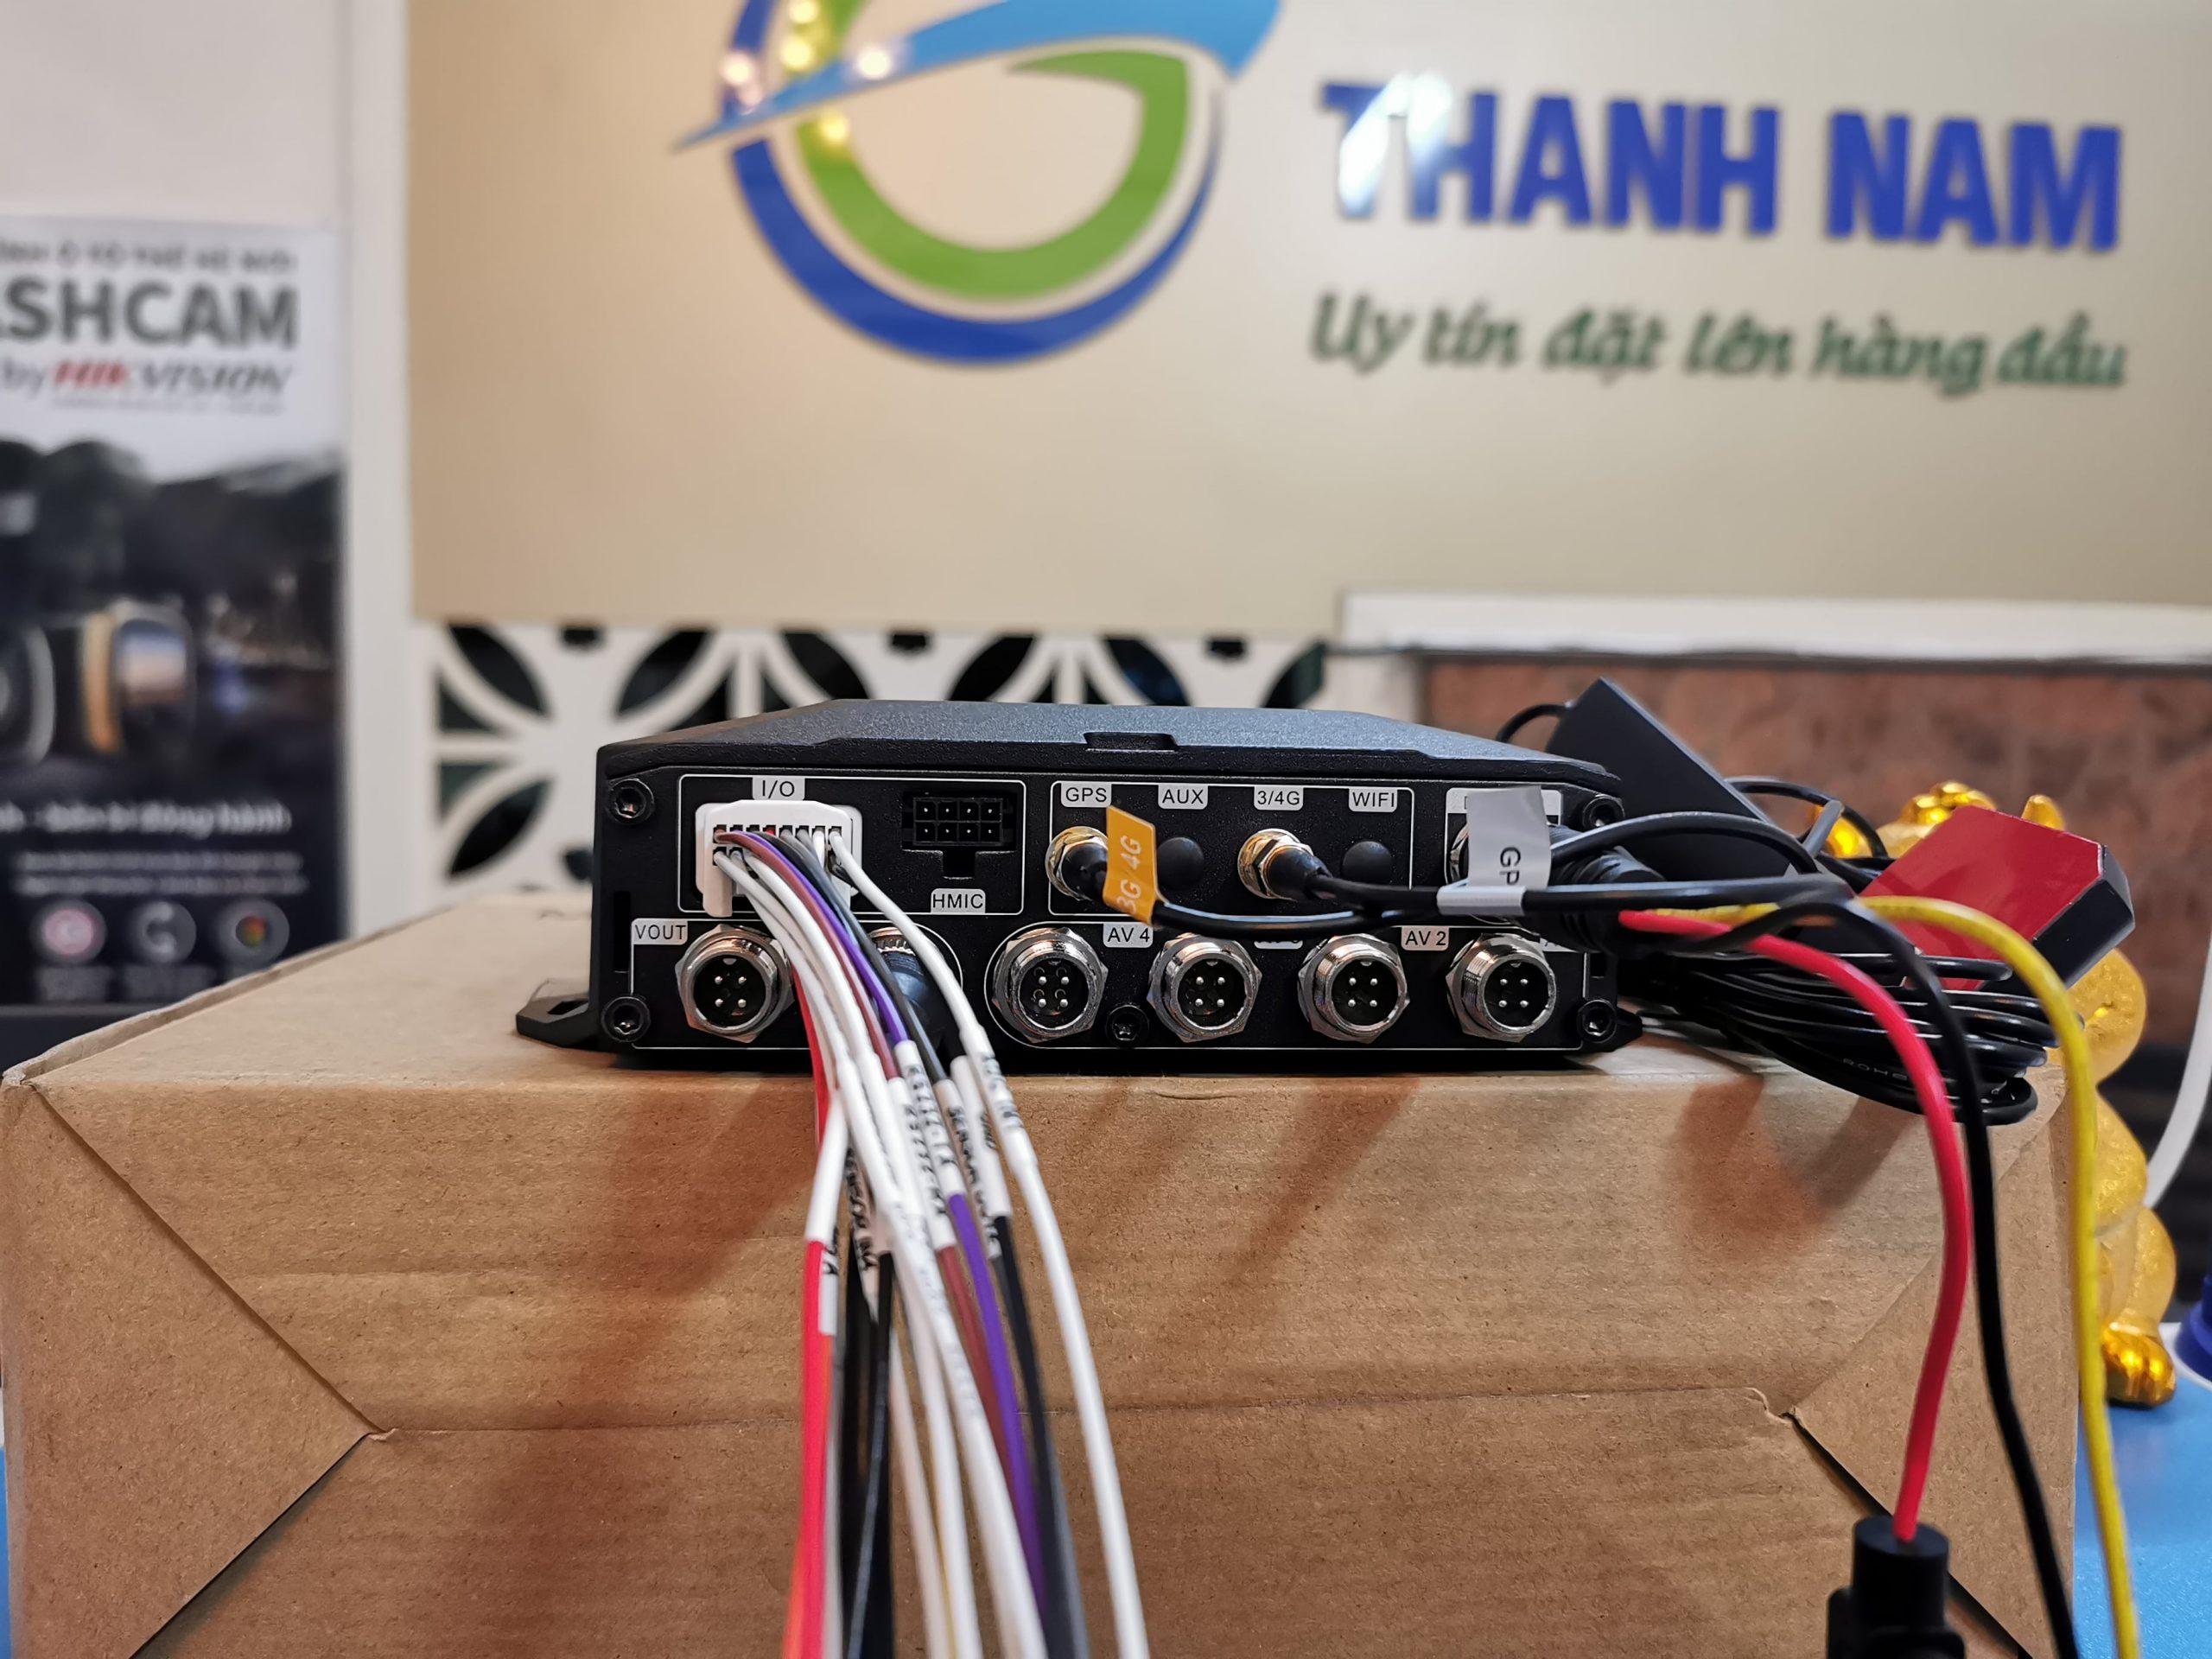 camera giám sát hợp chuẩn theo nghị định vị ct05g